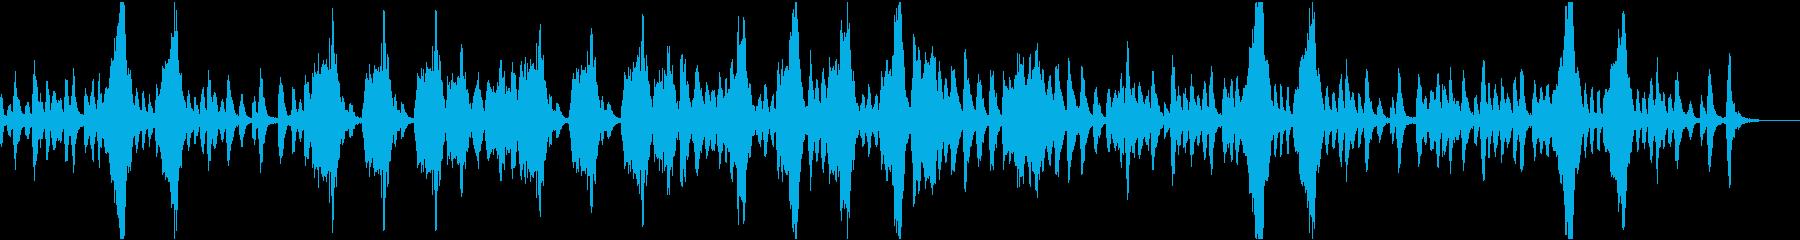 日常系BGMの再生済みの波形